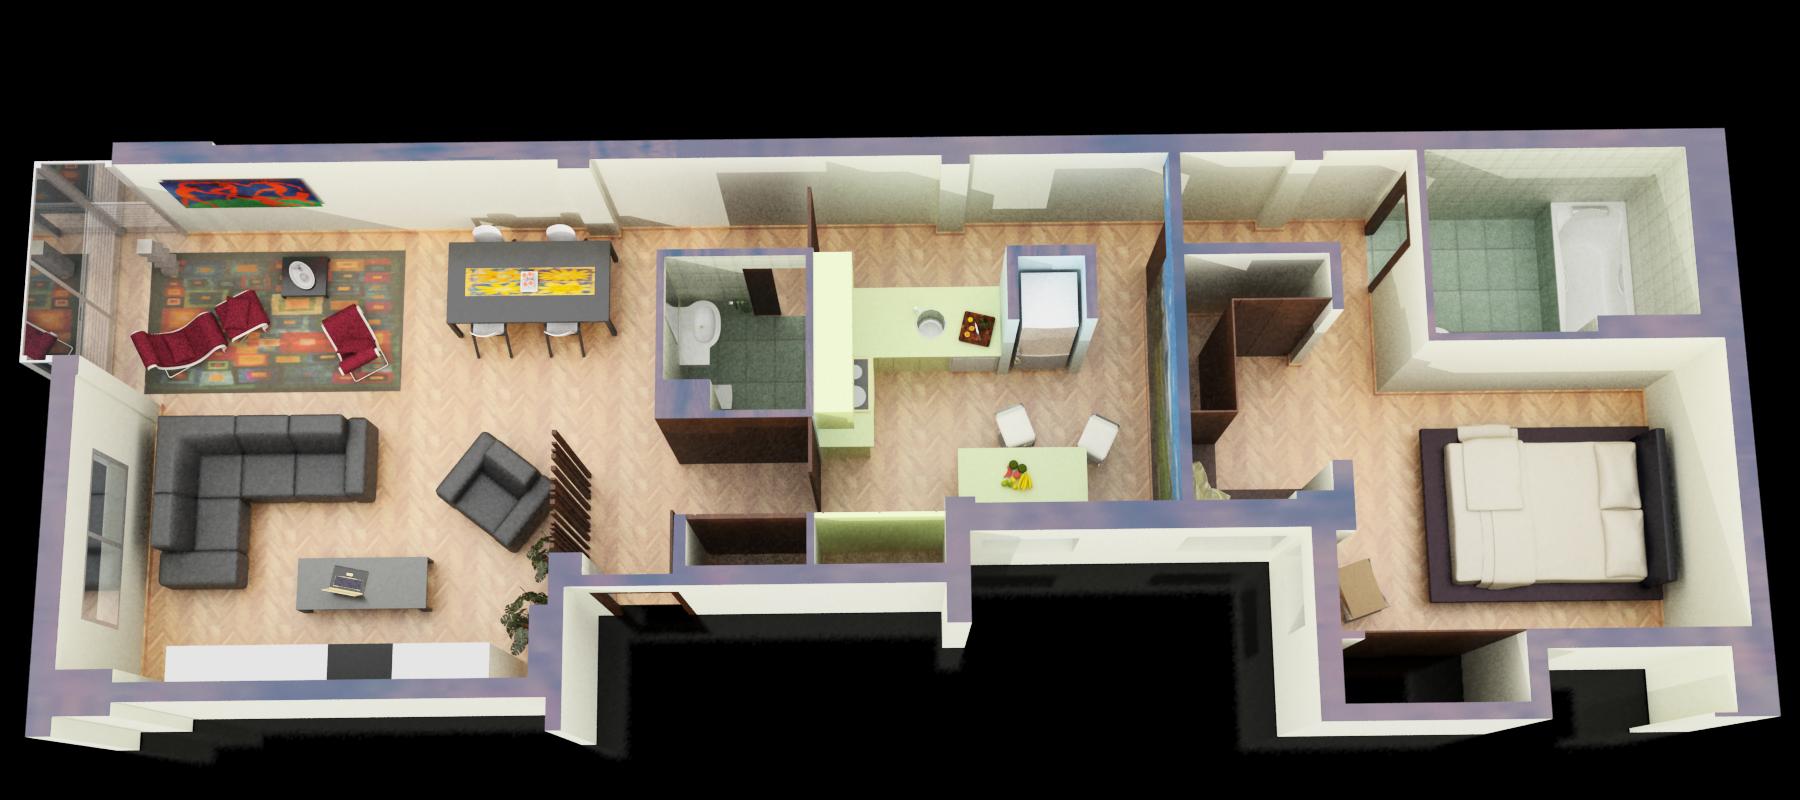 Reformar mi casa reformar piso construir casa reformar for Quiero reformar mi piso